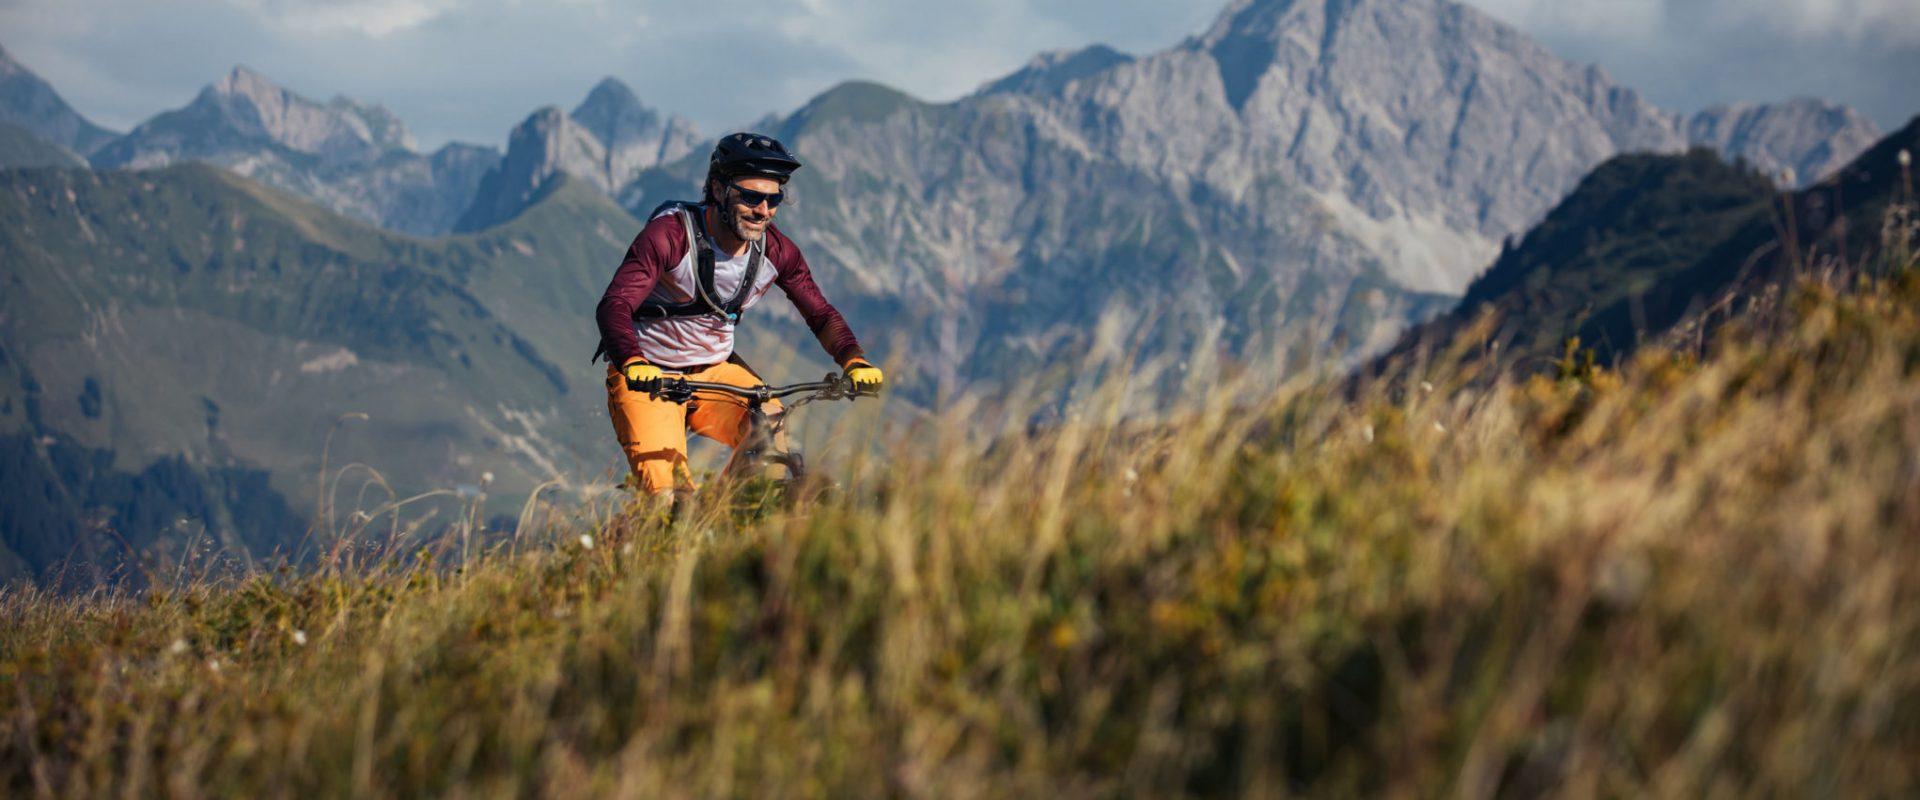 Mountainbiken in Damüls mit Blick auf den Zitterklapfen © Sebastian Stiphout / Bregenzerwald Tourismus